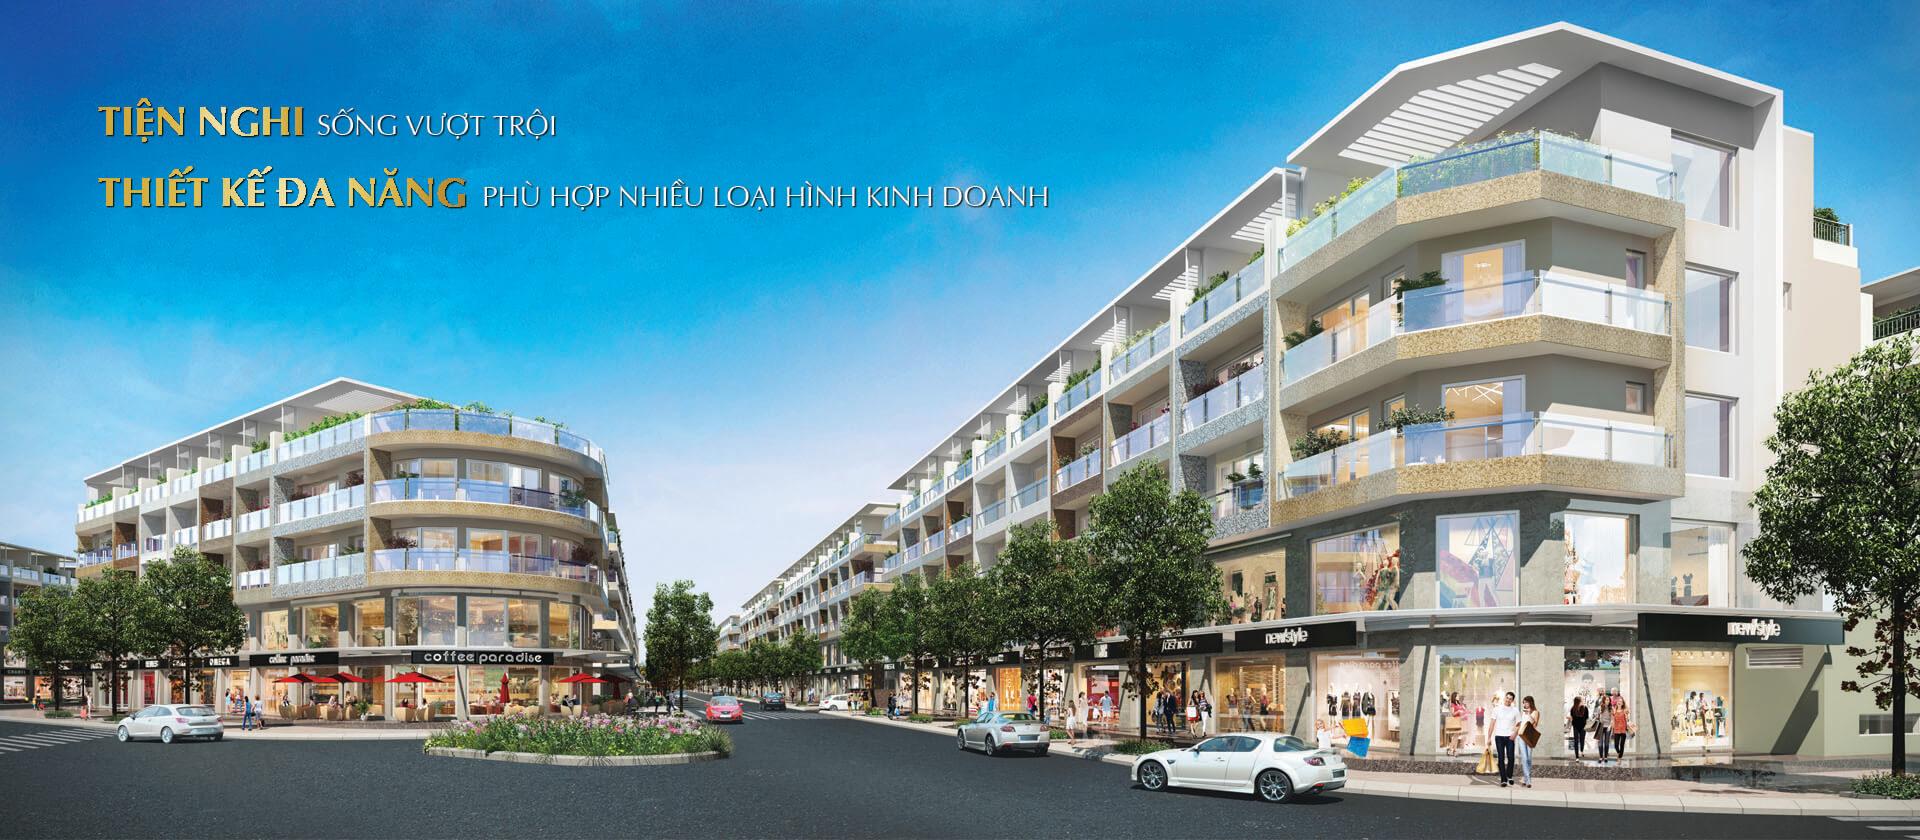 Bán nhiều căn Shophouse nhà phố Sala, diện tích: 5.6x20m, 7x21m, 7x24m. Giá từ 22 - 45 tỷ